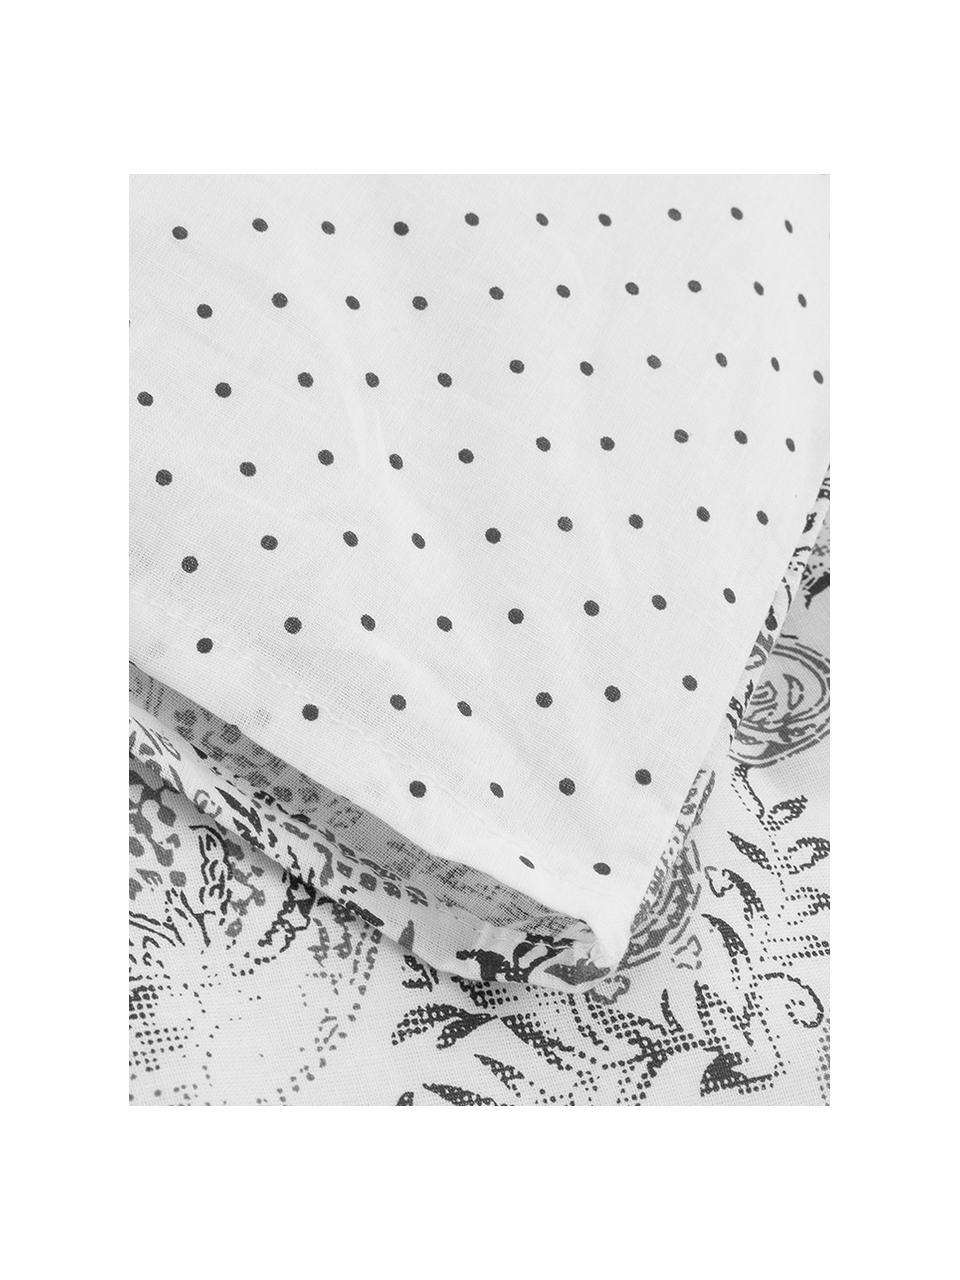 Parure copripiumino in cotone ranforce Yumi, Tessuto: Renforcé, Grigio, bianco, 250 x 200 cm + 2 federe 50 x 80 cm